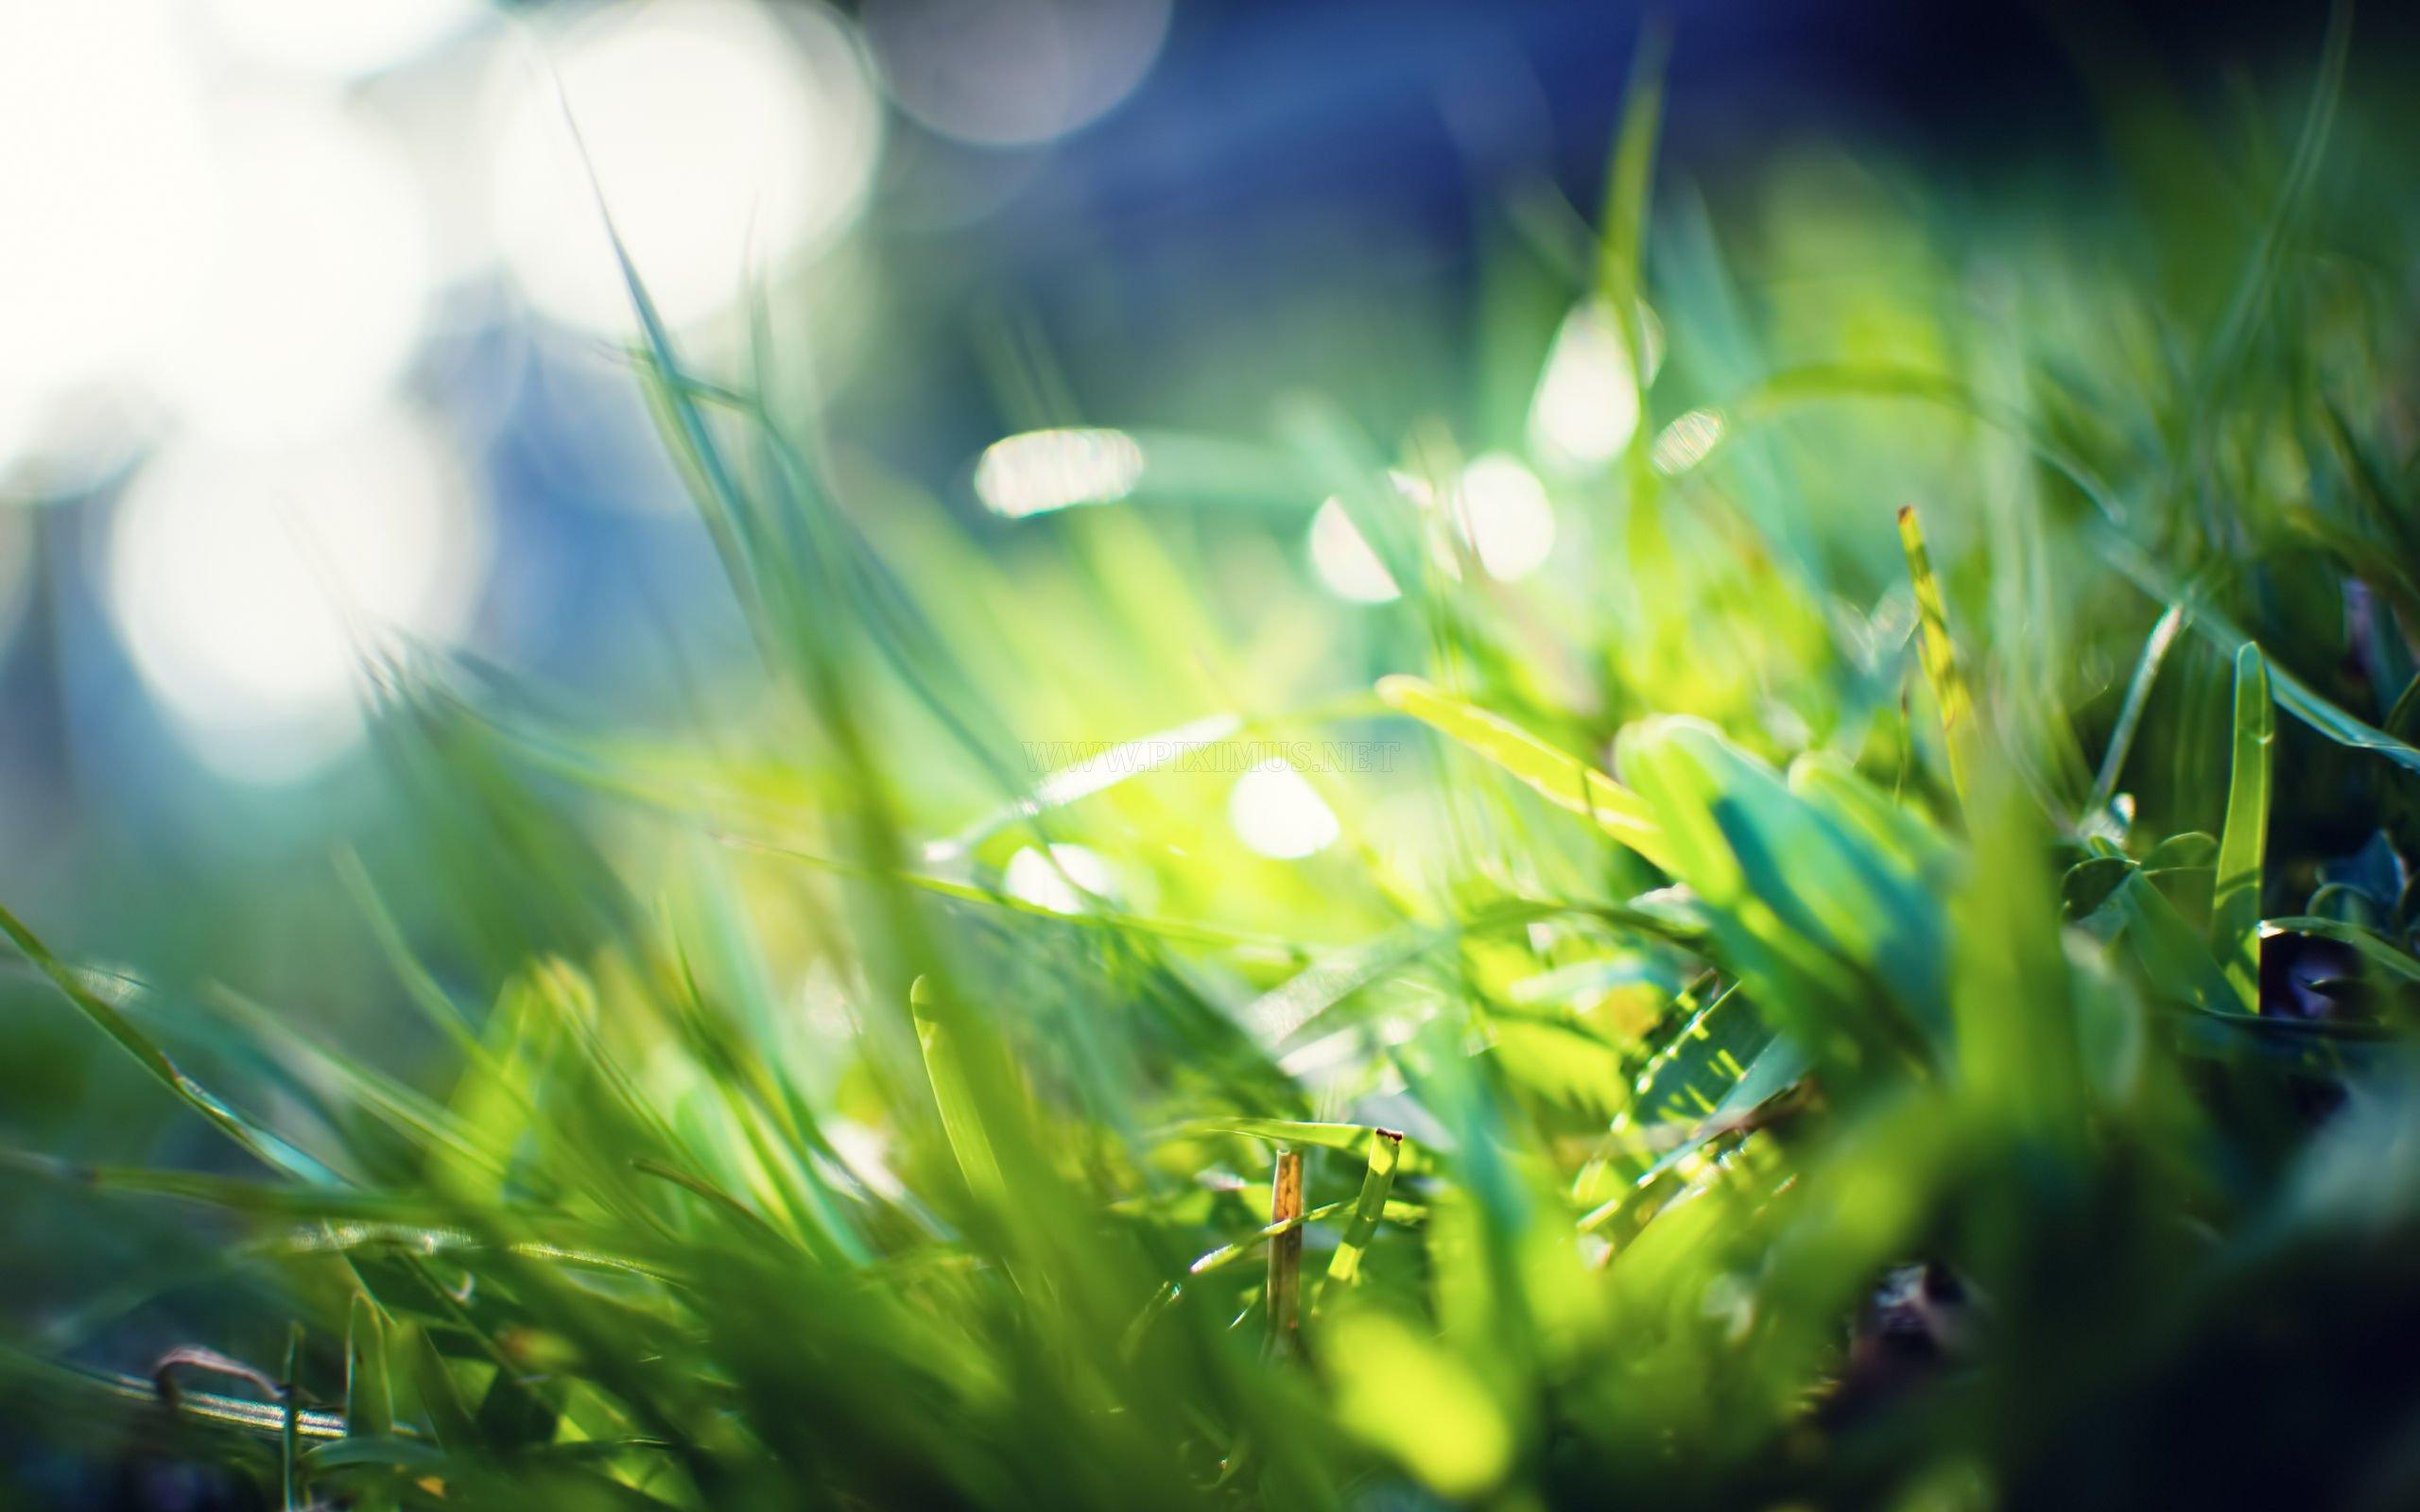 Green Grass Photos - Green Grass Photos